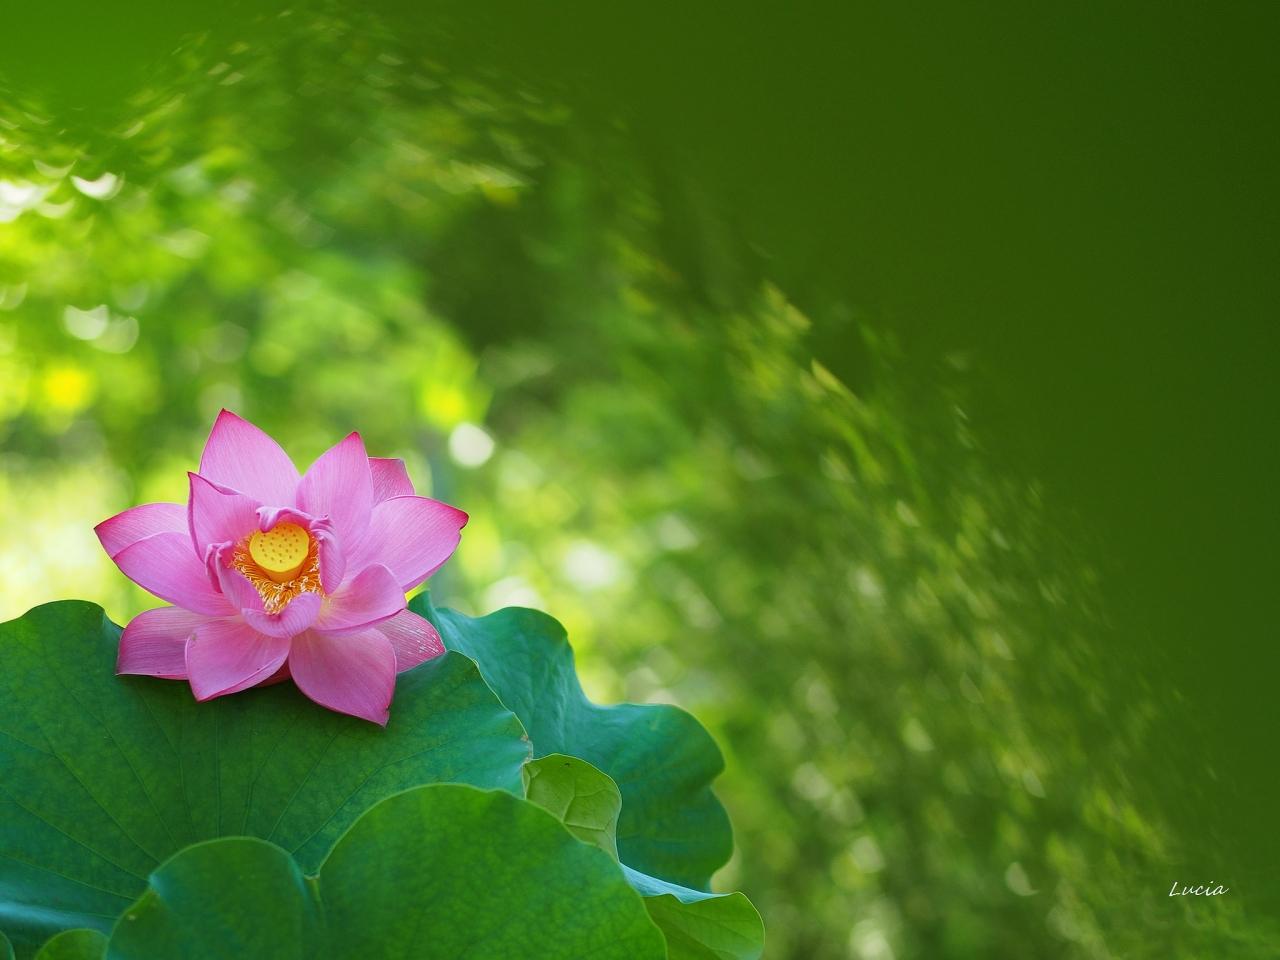 Bellas flores rosadas - 1280x960